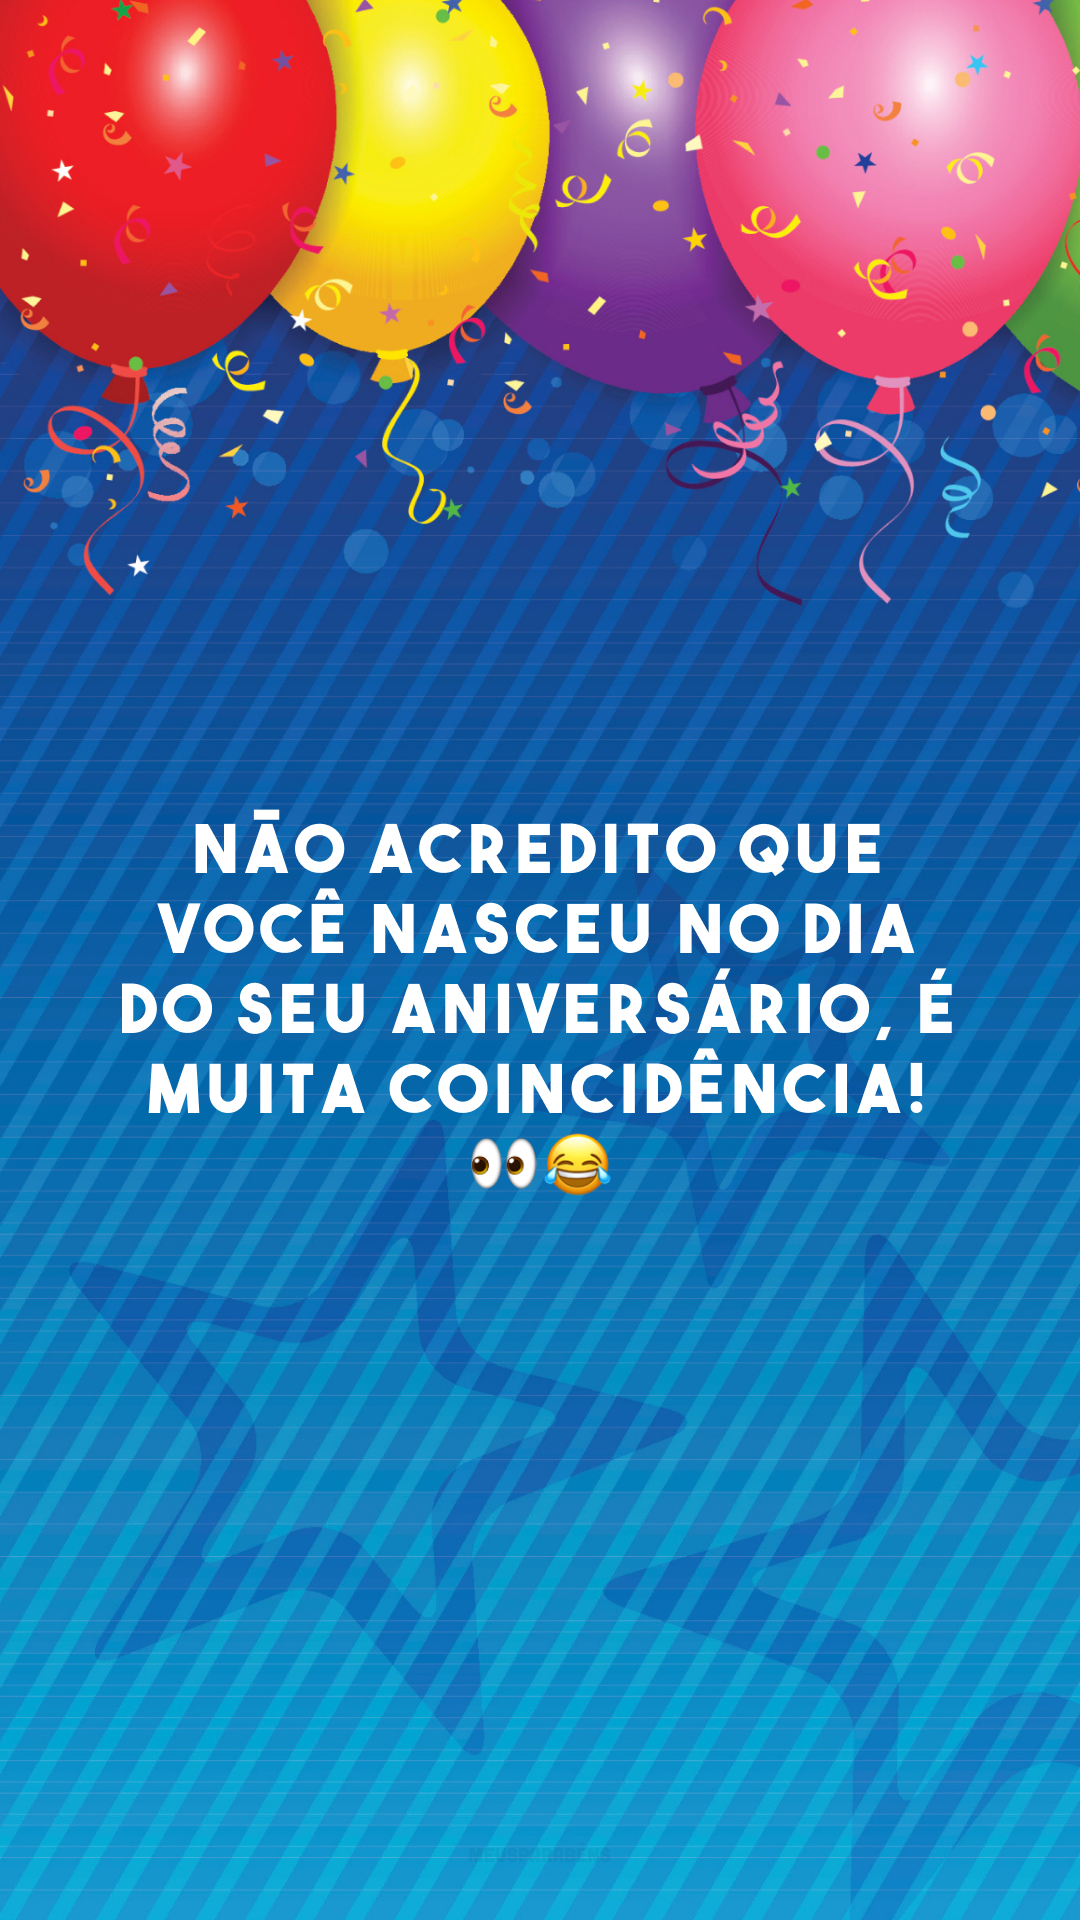 Não acredito que você nasceu no dia do seu aniversário, é muita coincidência! 👀😂